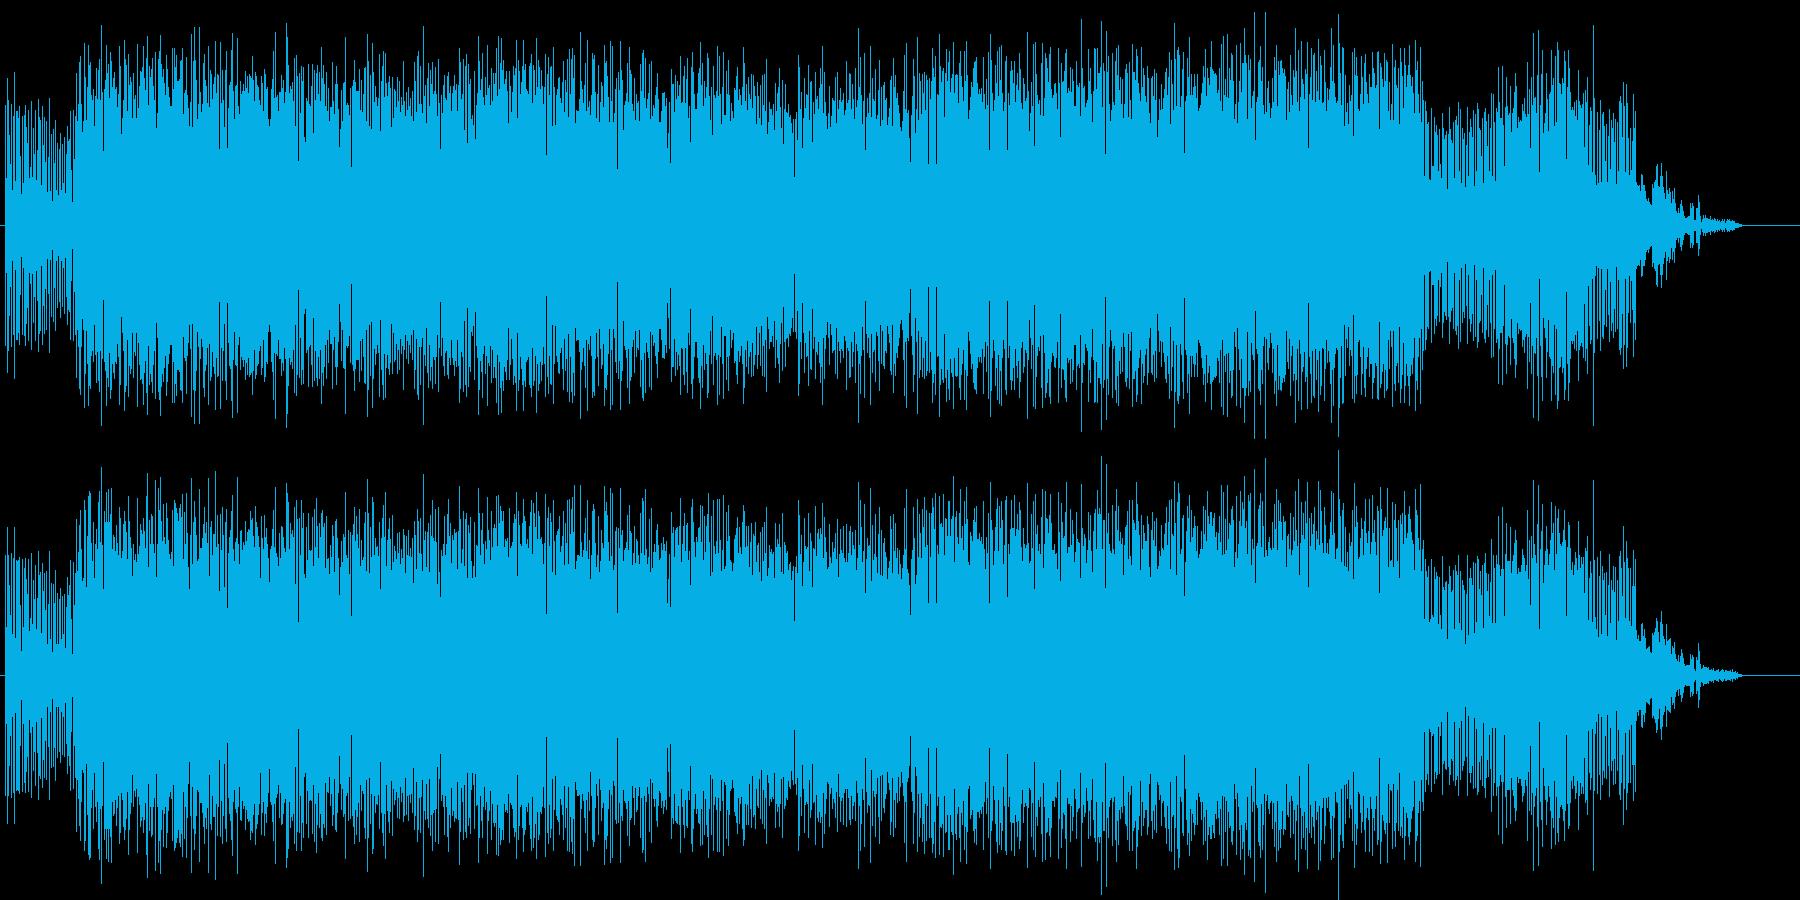 登場人物が狂っていく音楽/ホラーの再生済みの波形